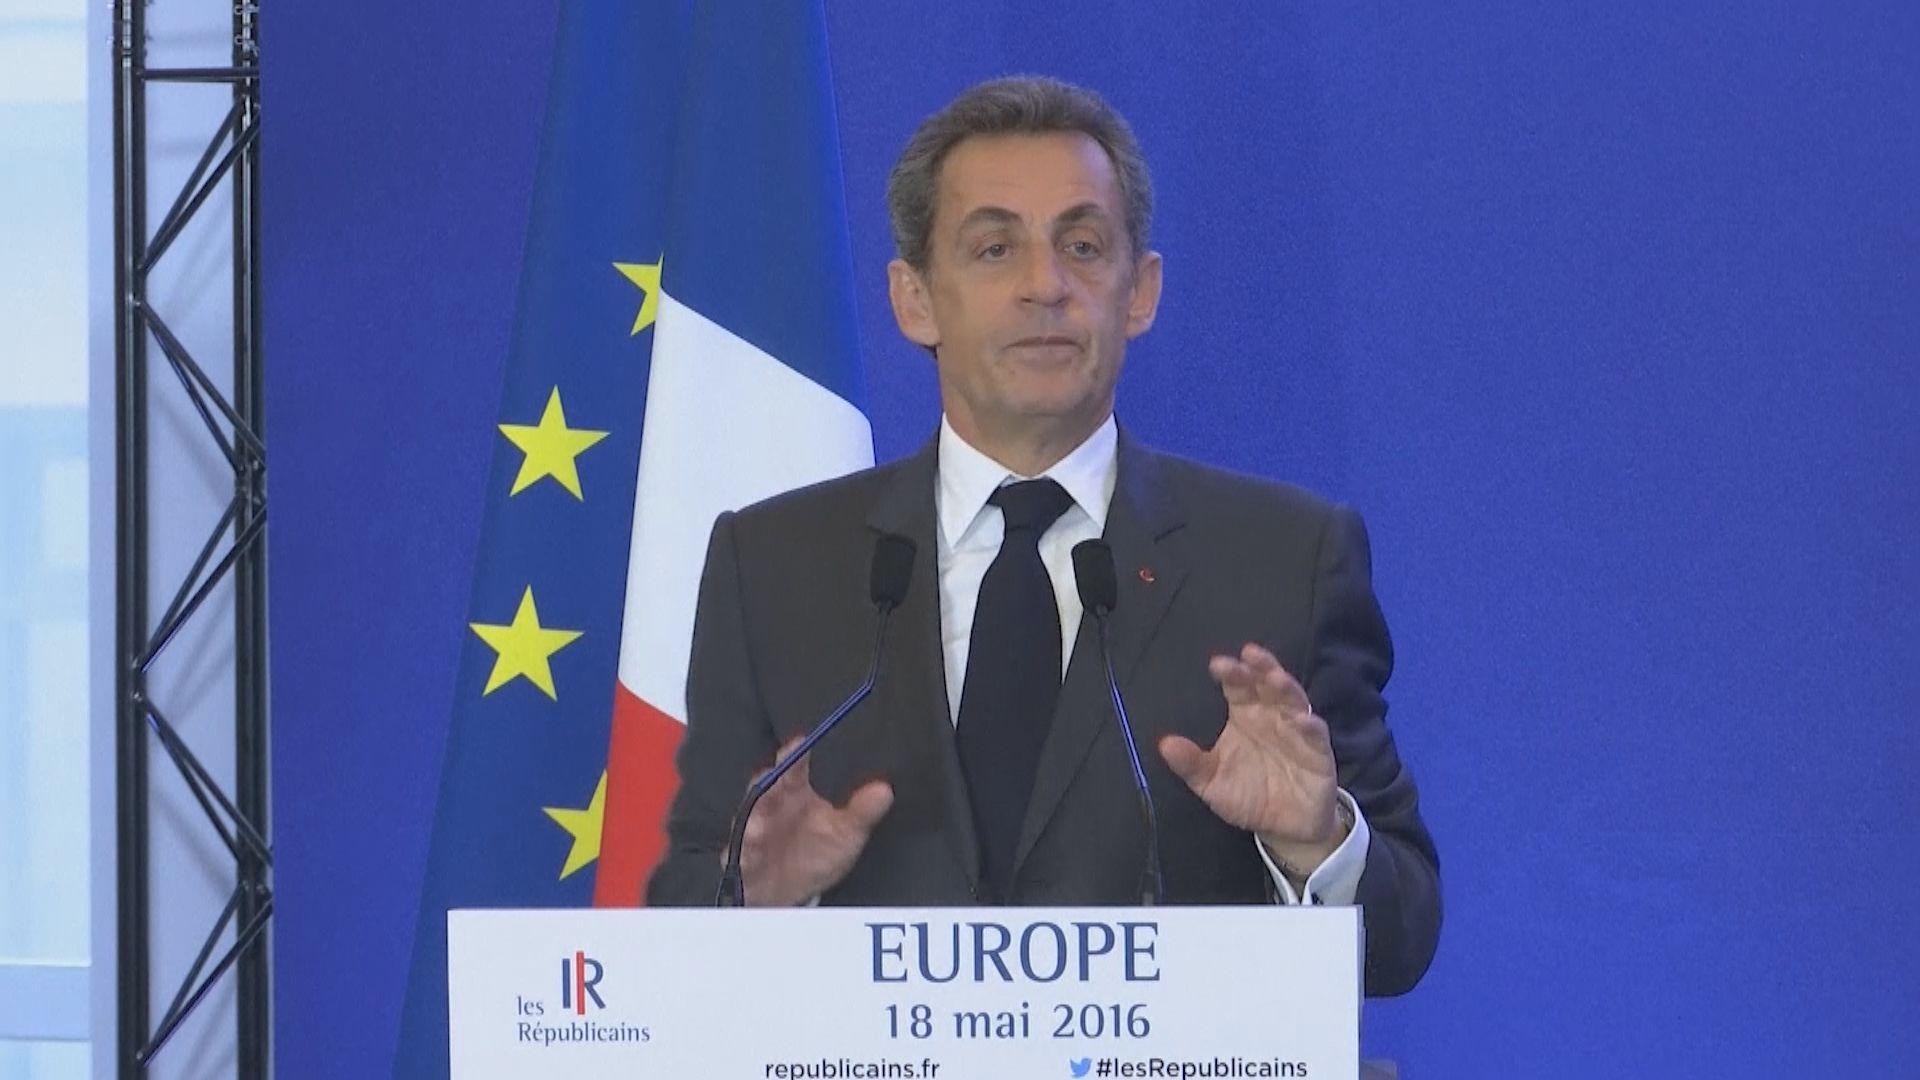 法國前總統薩爾科齊貪污等罪罪成 判囚三年緩刑兩年